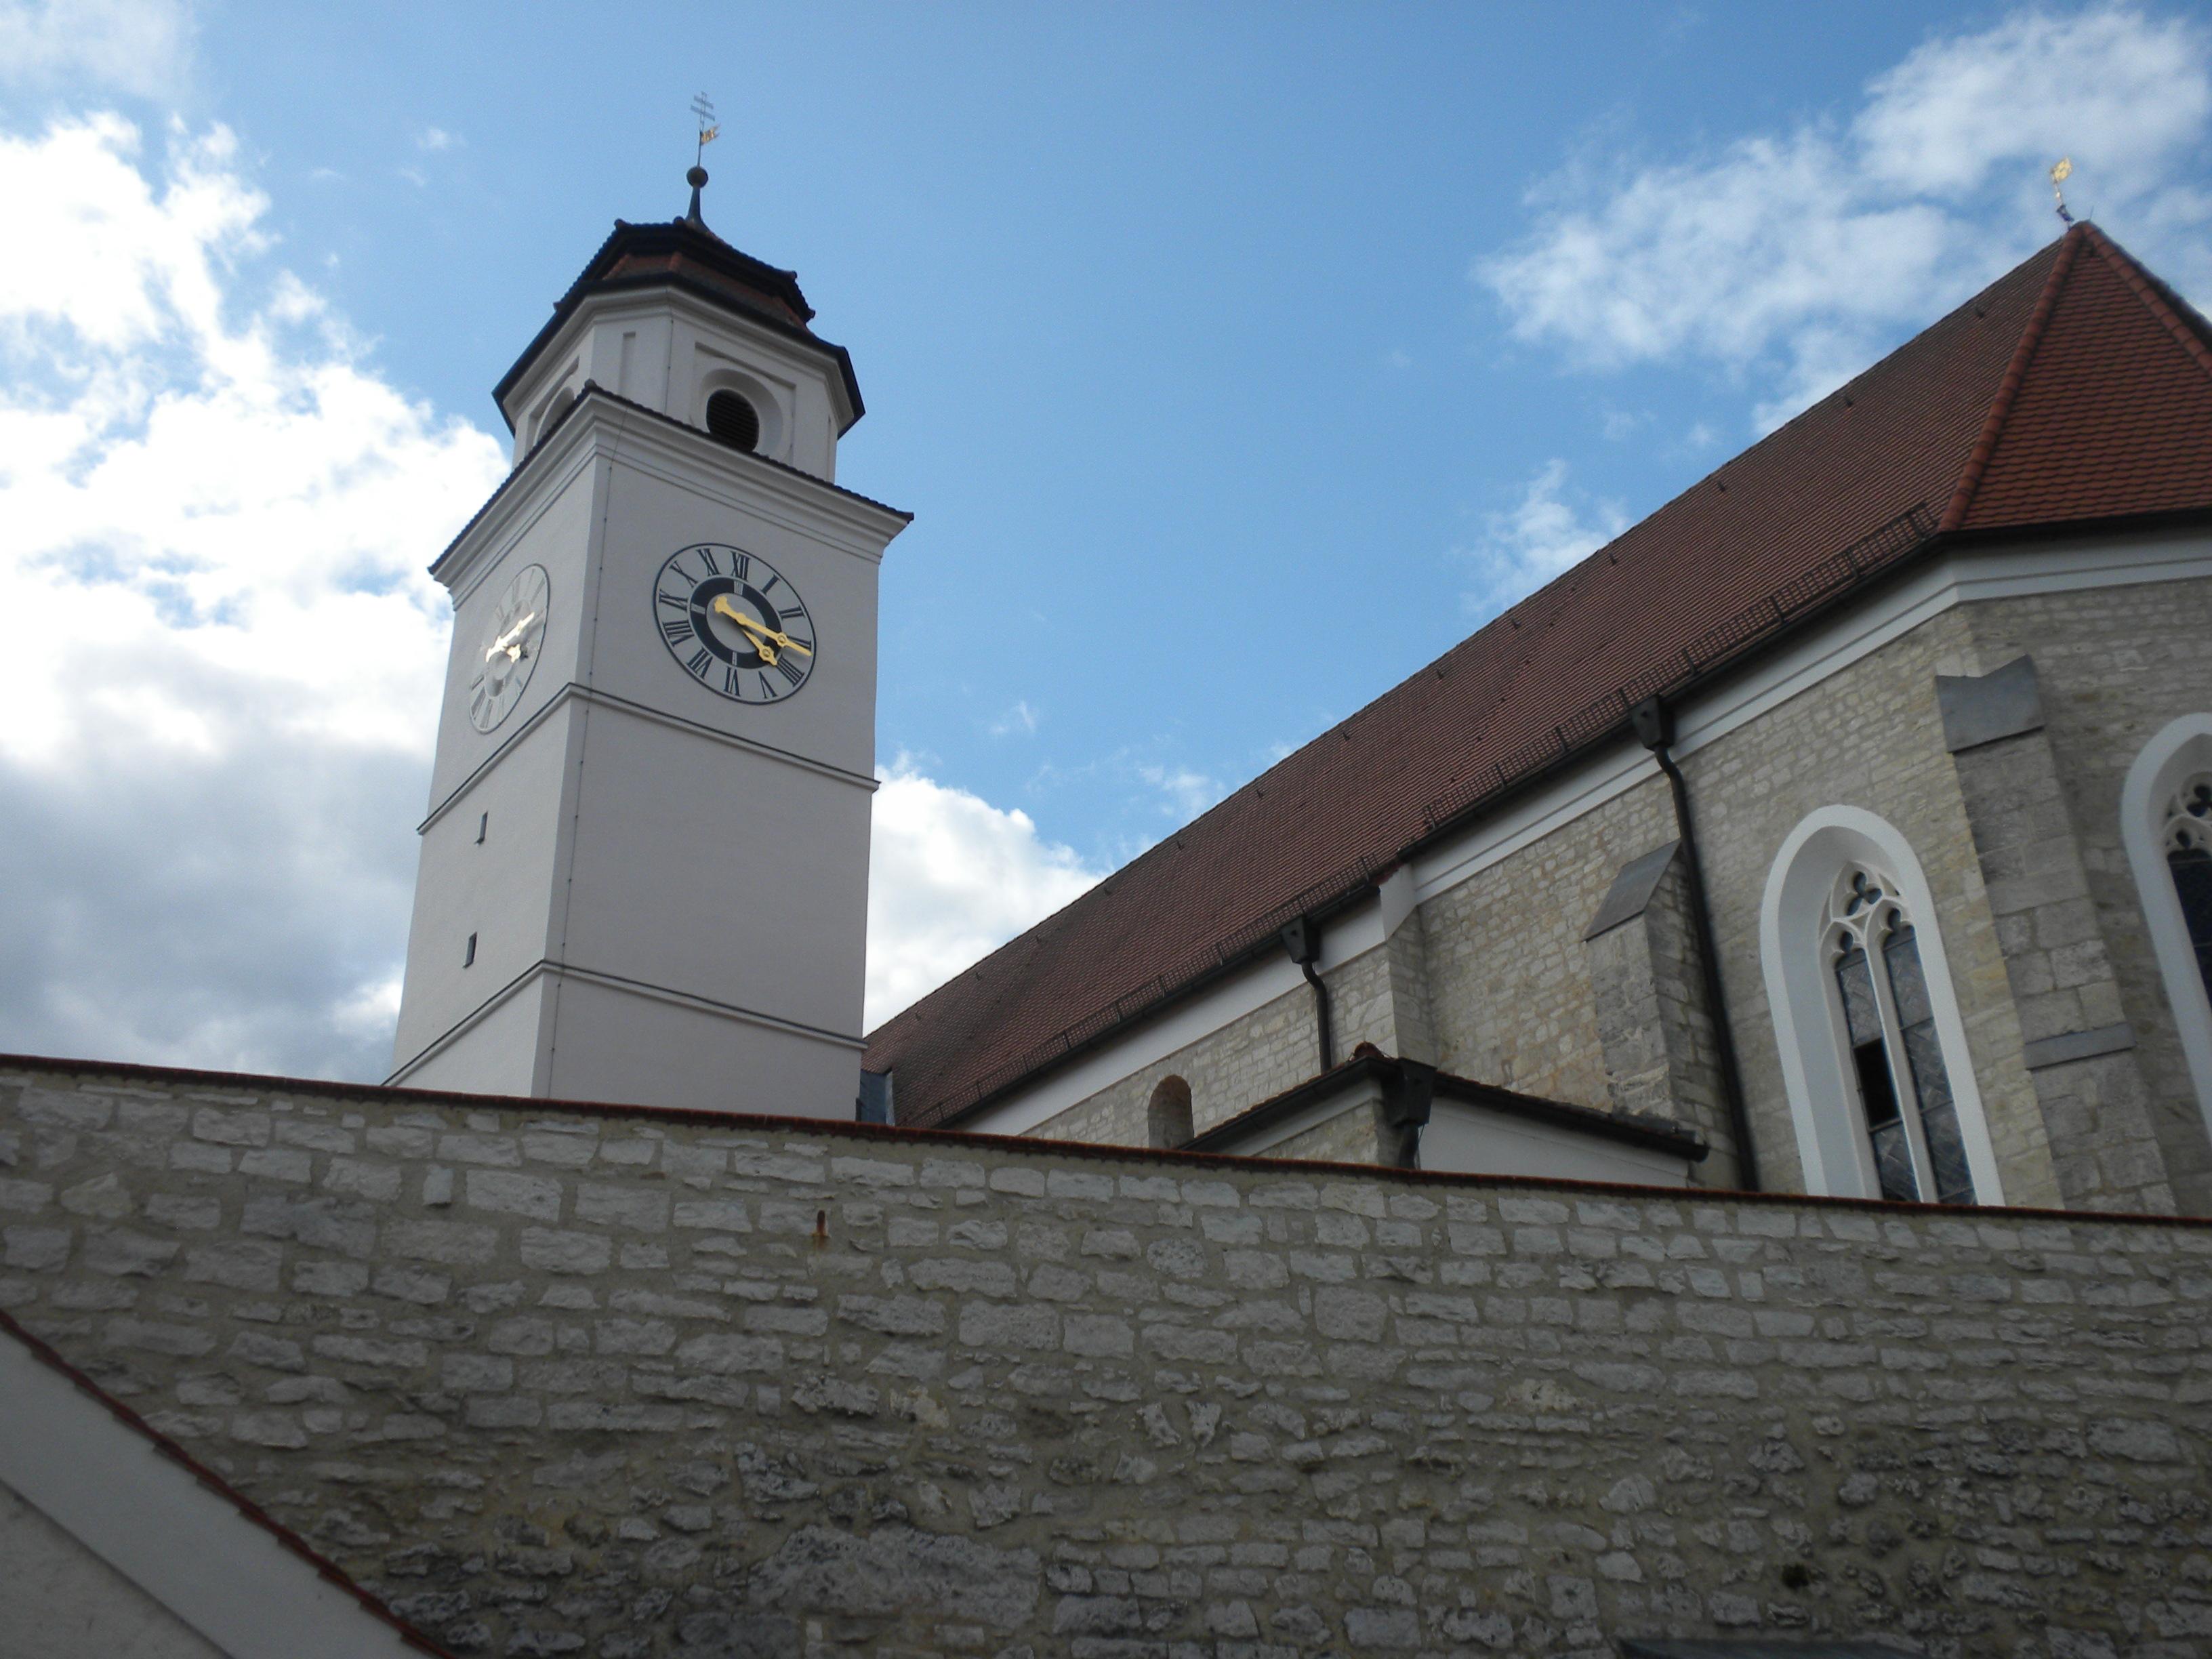 Dollnstein Kirche